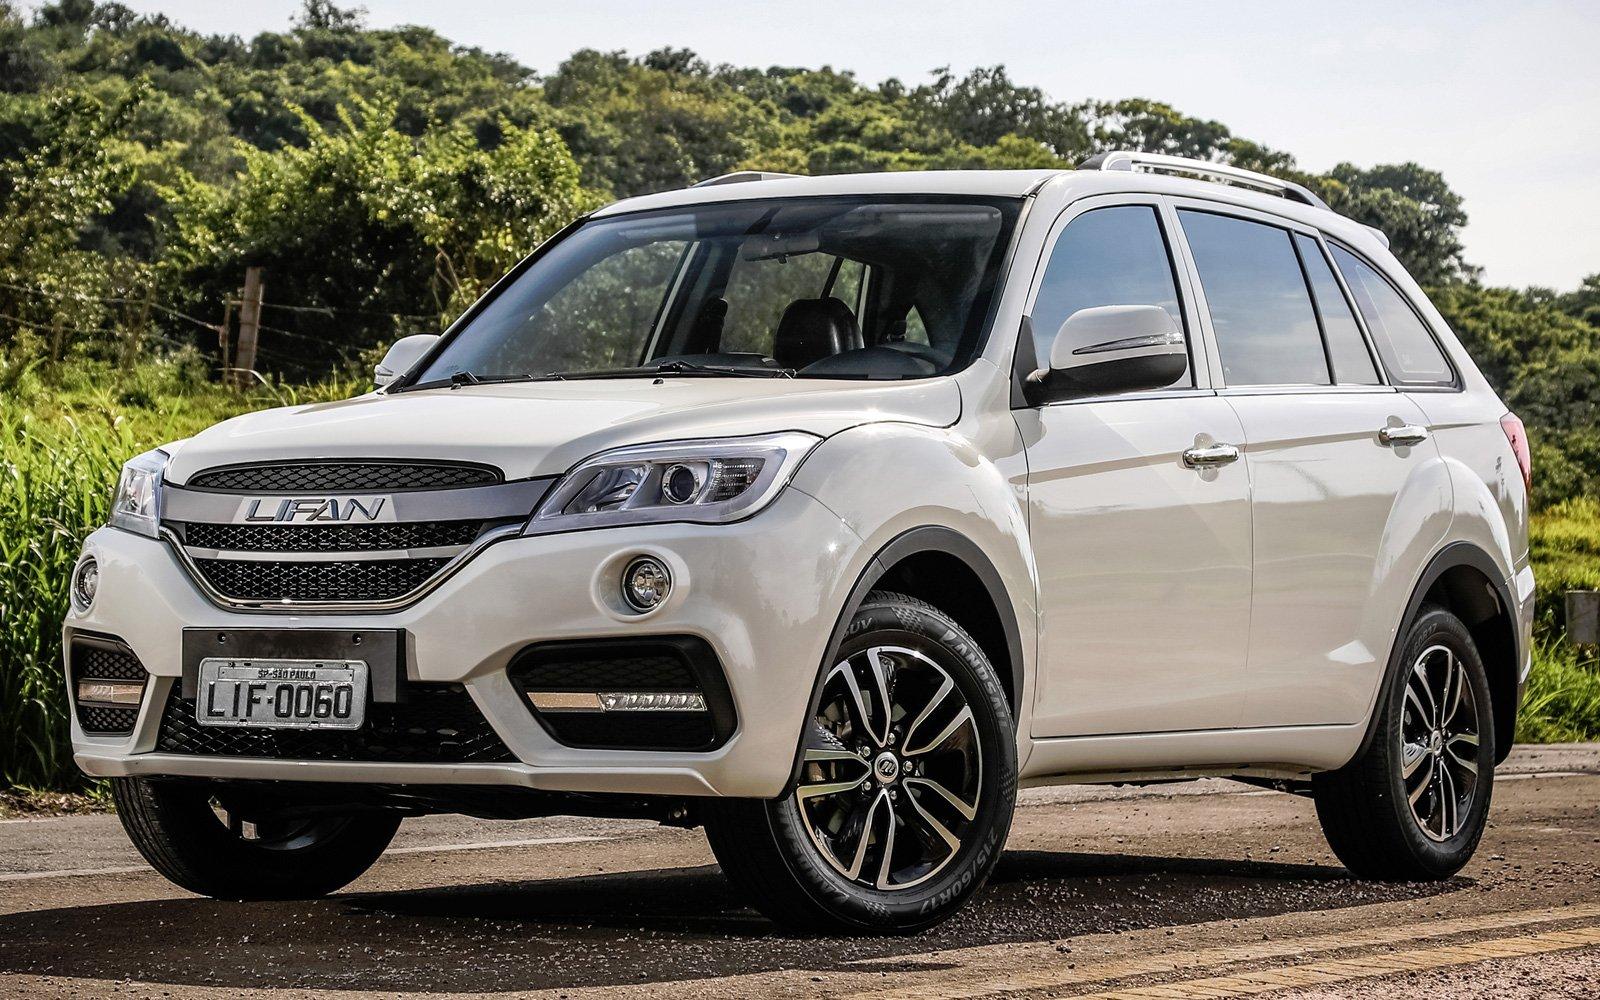 Лифан привезет в РФ два новых автомобиля в последующем 2018г.